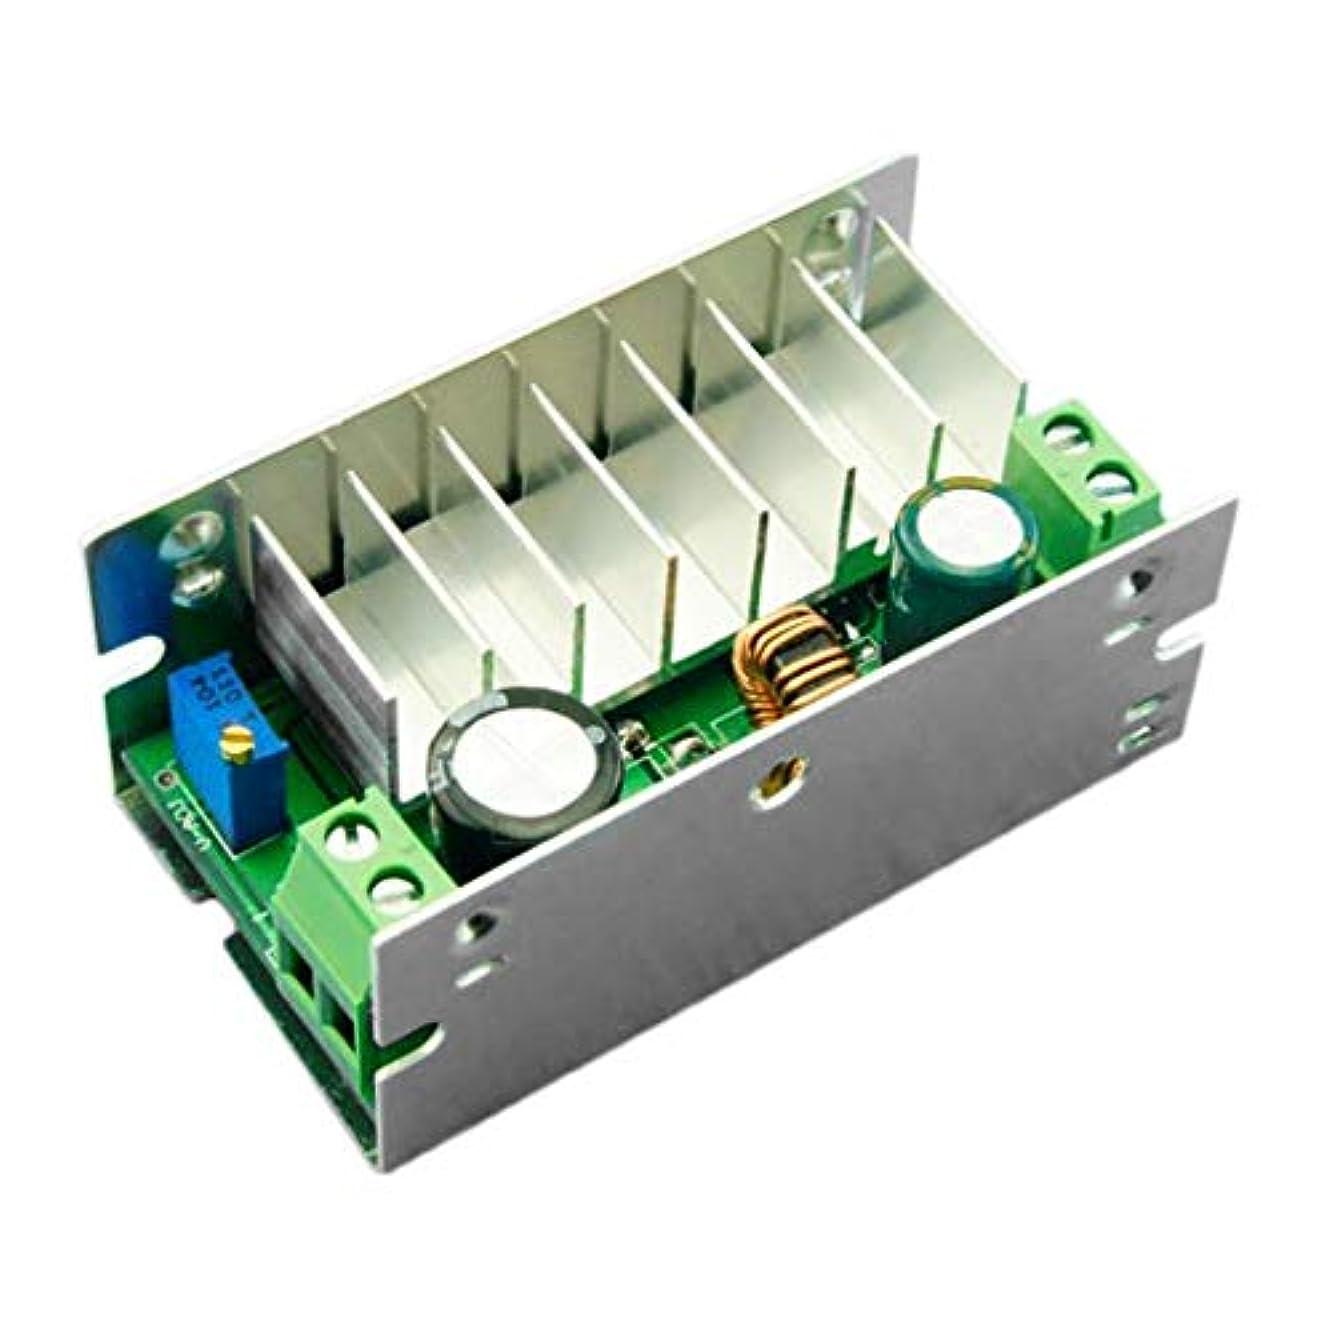 味方反発自宅で新しい200W 6-35V to 6-55V DC DCコンバータブーストチャージャーパワーコンバータモジュールブーストコンバータモジュール卸売熱い新(Color:Silver&Gold)